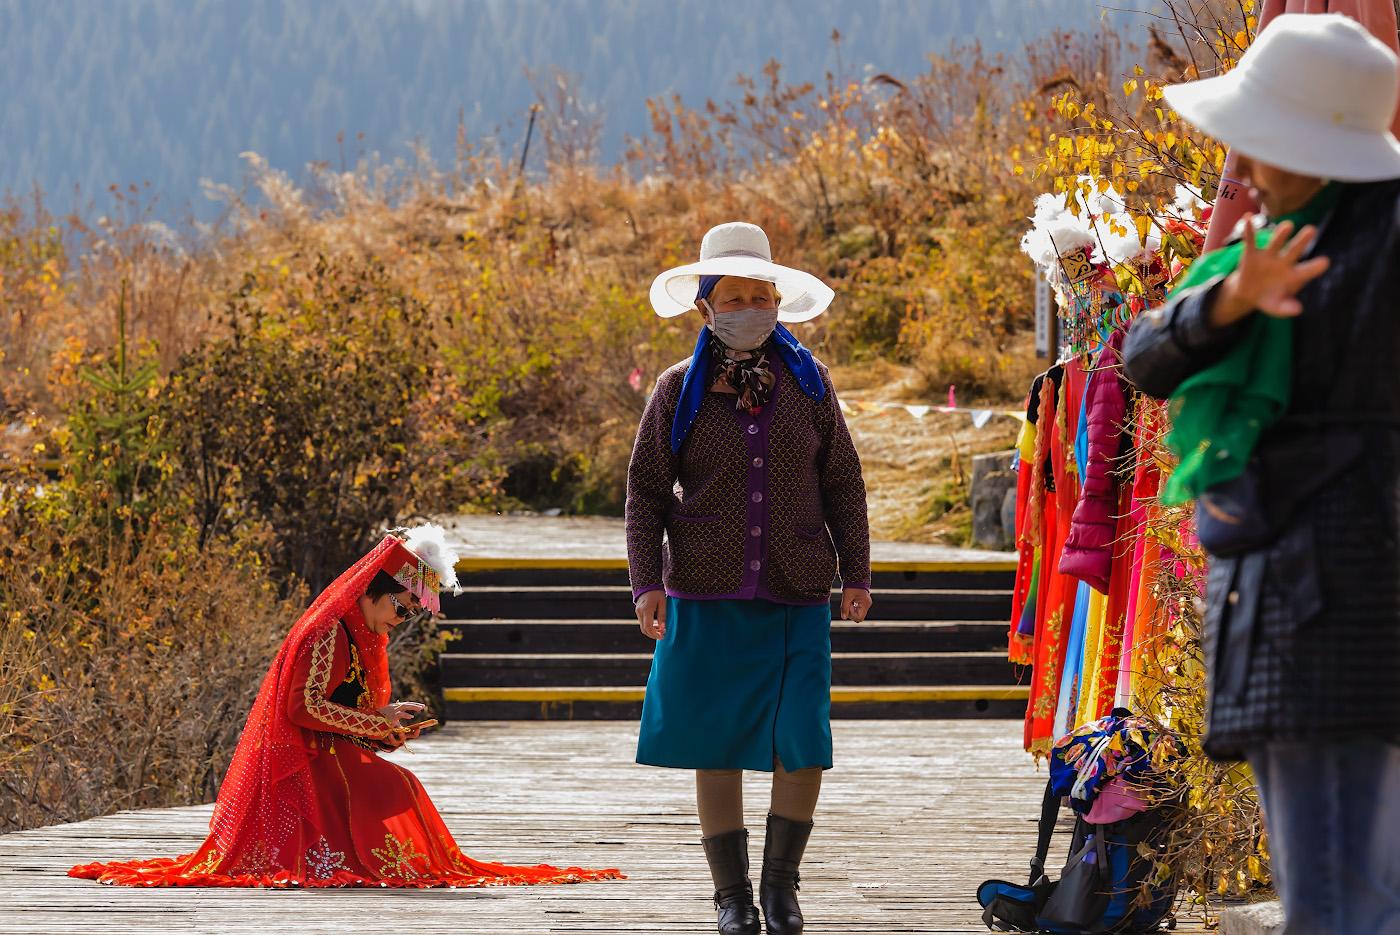 Снимок 10. Тётенька проверяет, получилось ли у нее селфи. Отзыв об экскурсии в Тяньчи (Небесное озеро) из Урумчи. Как поехать в Китай самостоятельно. 1/320, -0.33, 8.0, 2800, 150.